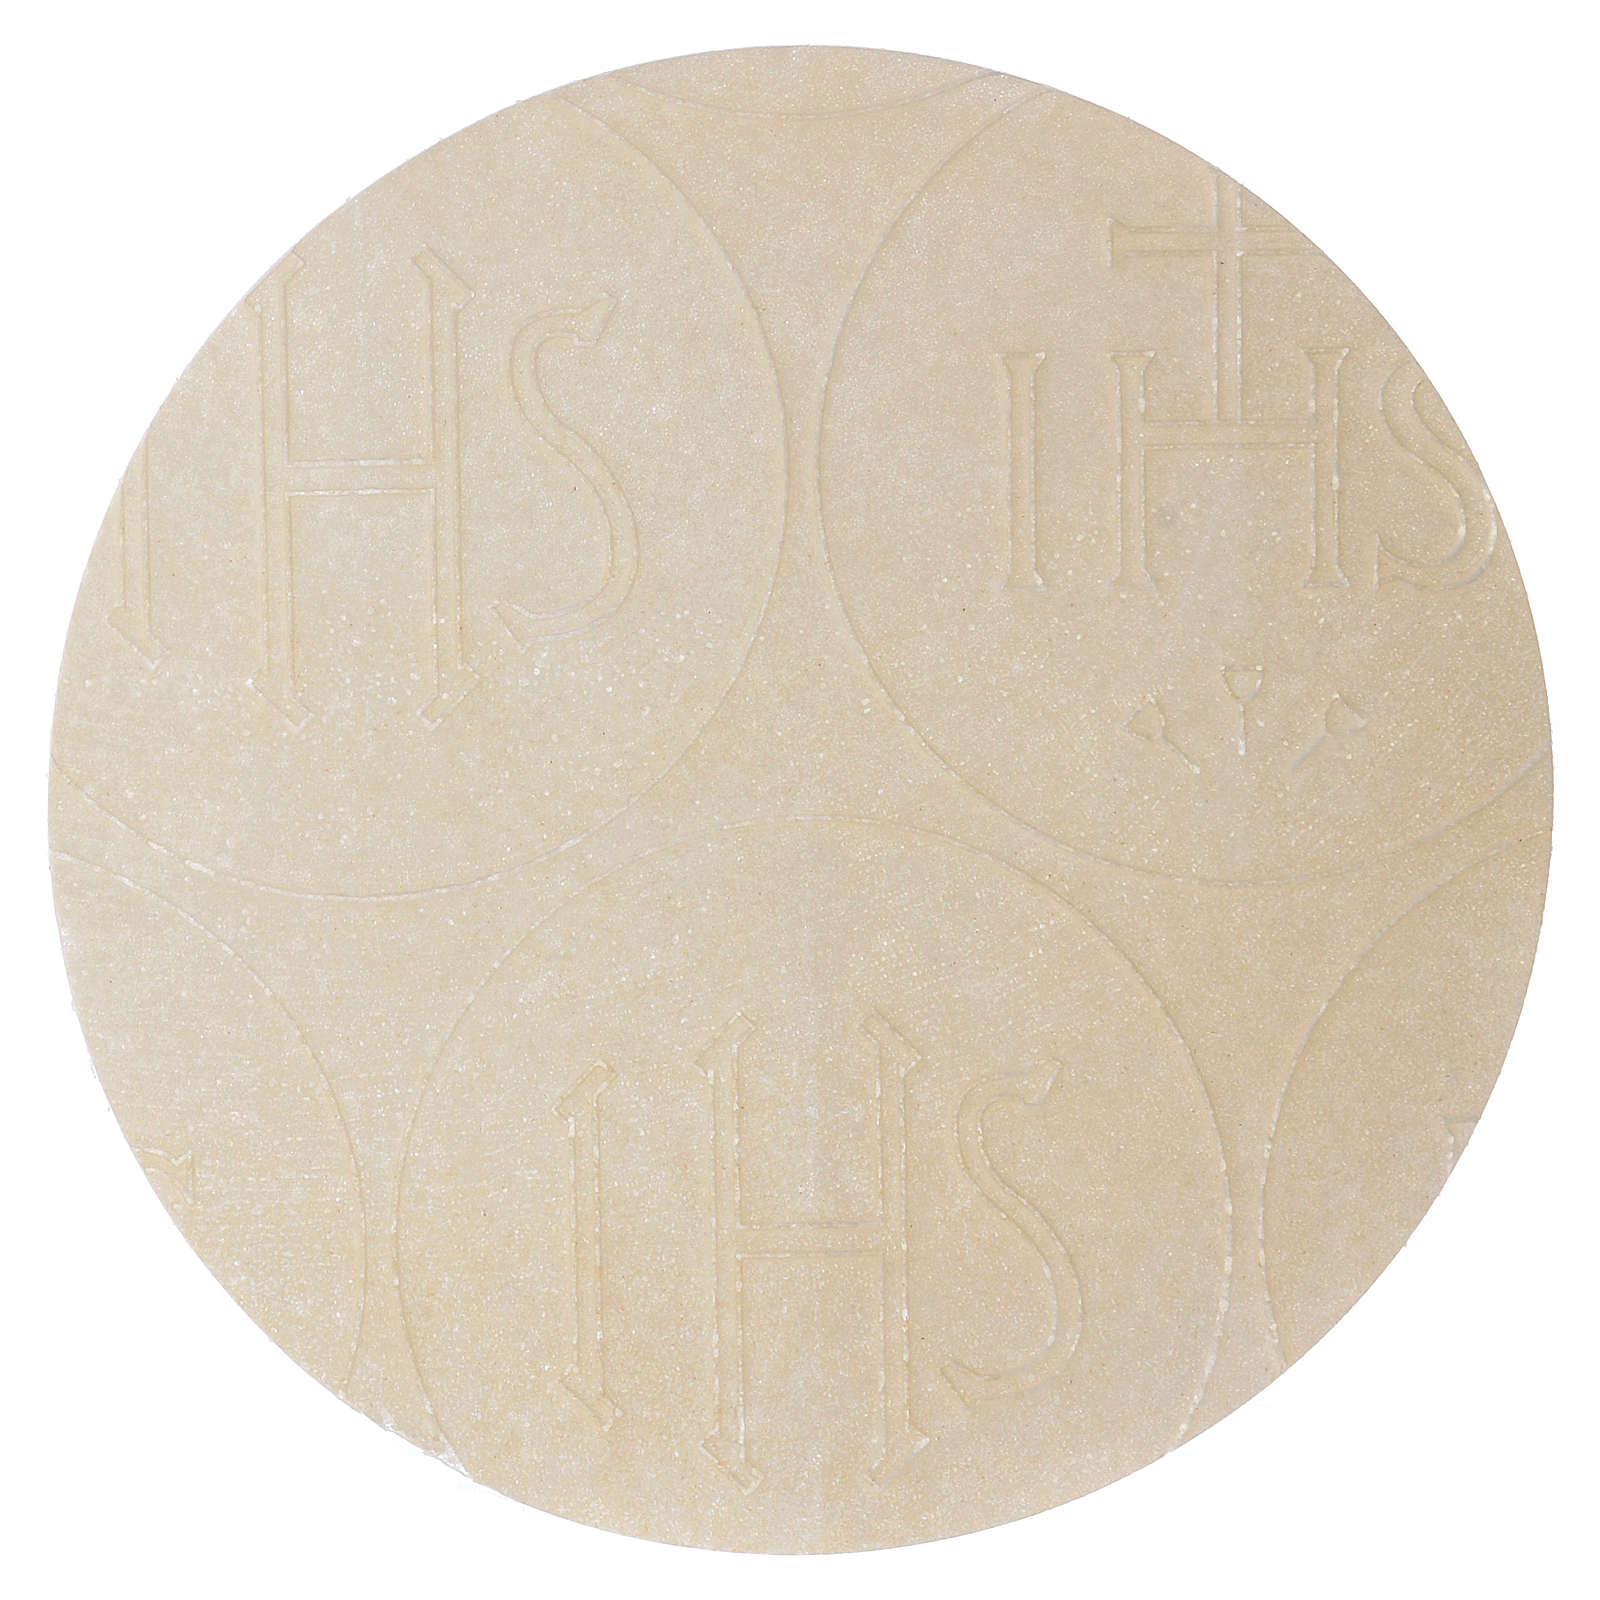 Hostias para celebración 15 cm - 5 piezas 3